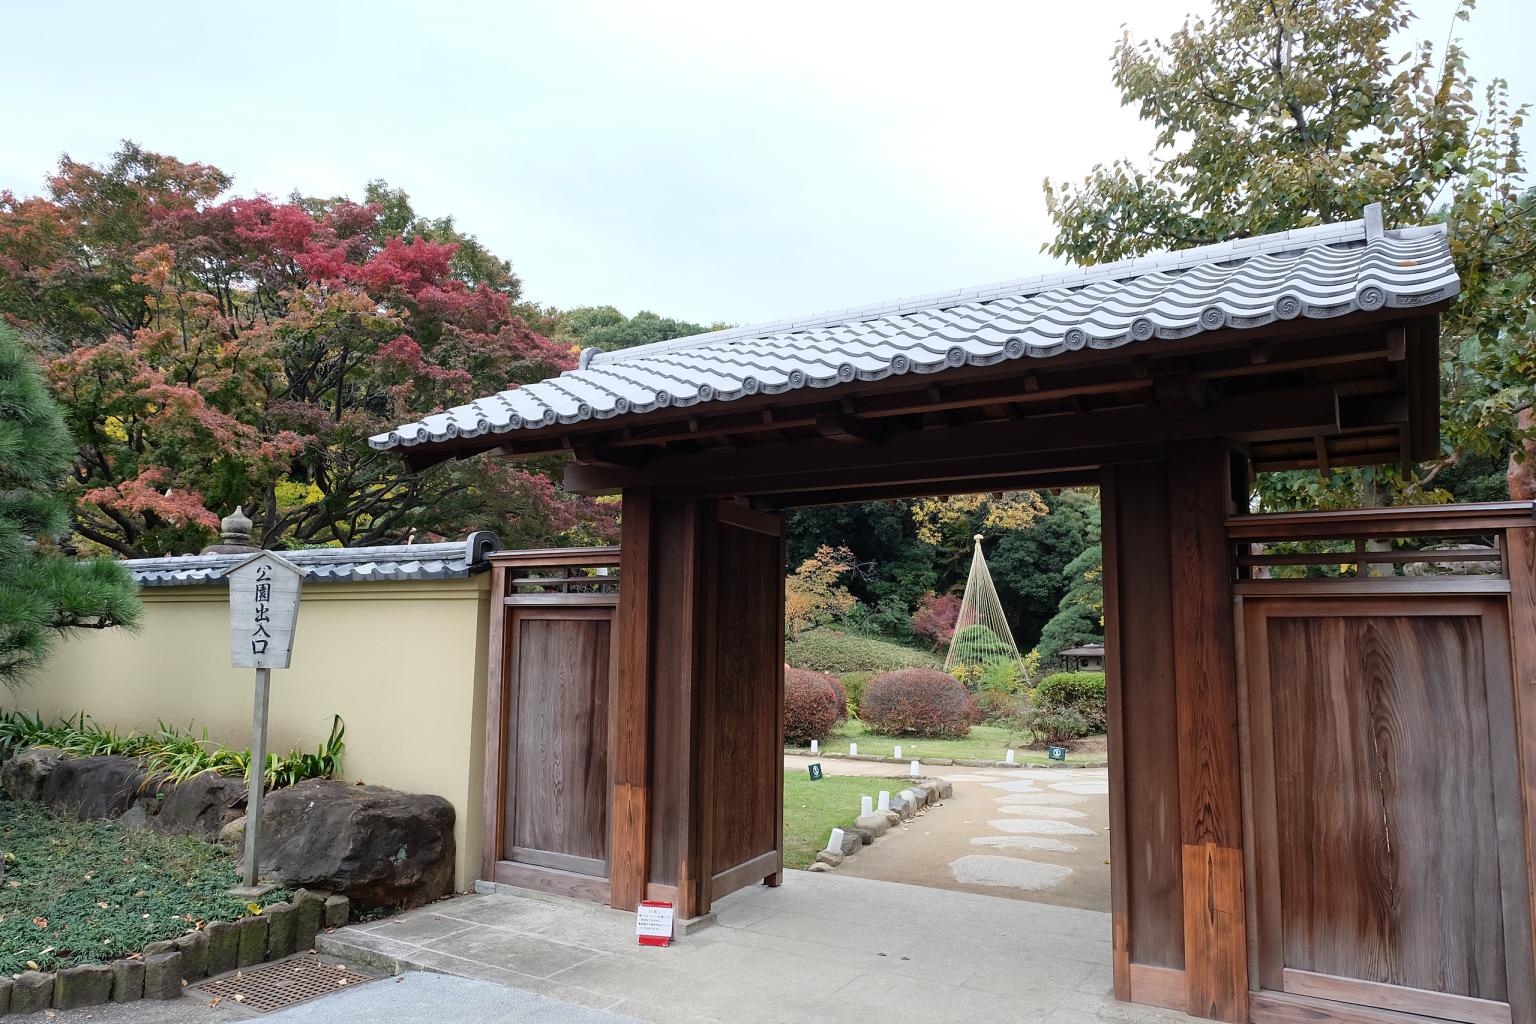 Shin Edogawa Park